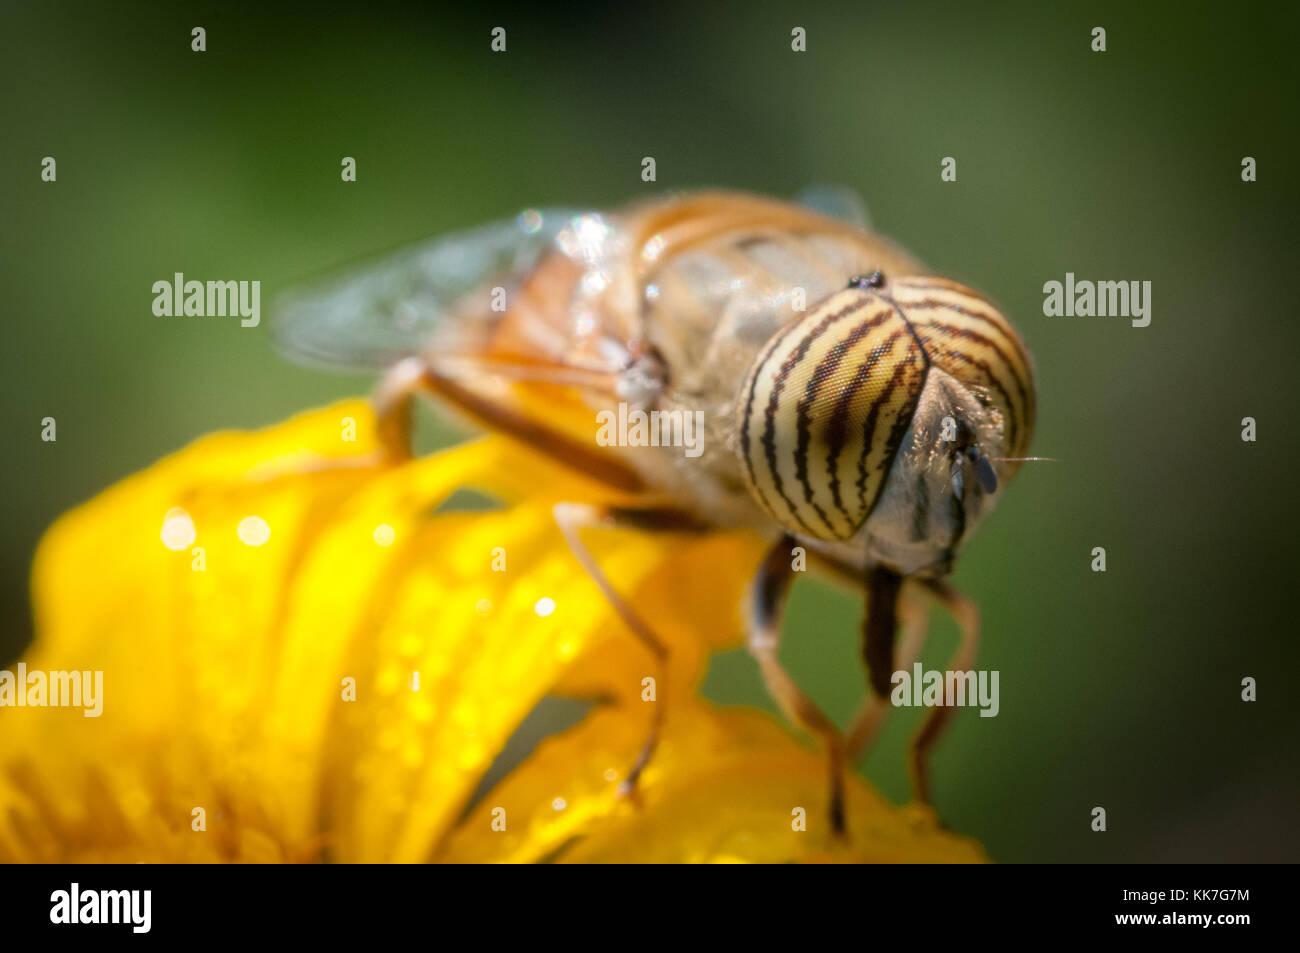 Primer plano de una abeja sobre una flor amarilla a la primera luz Foto de stock